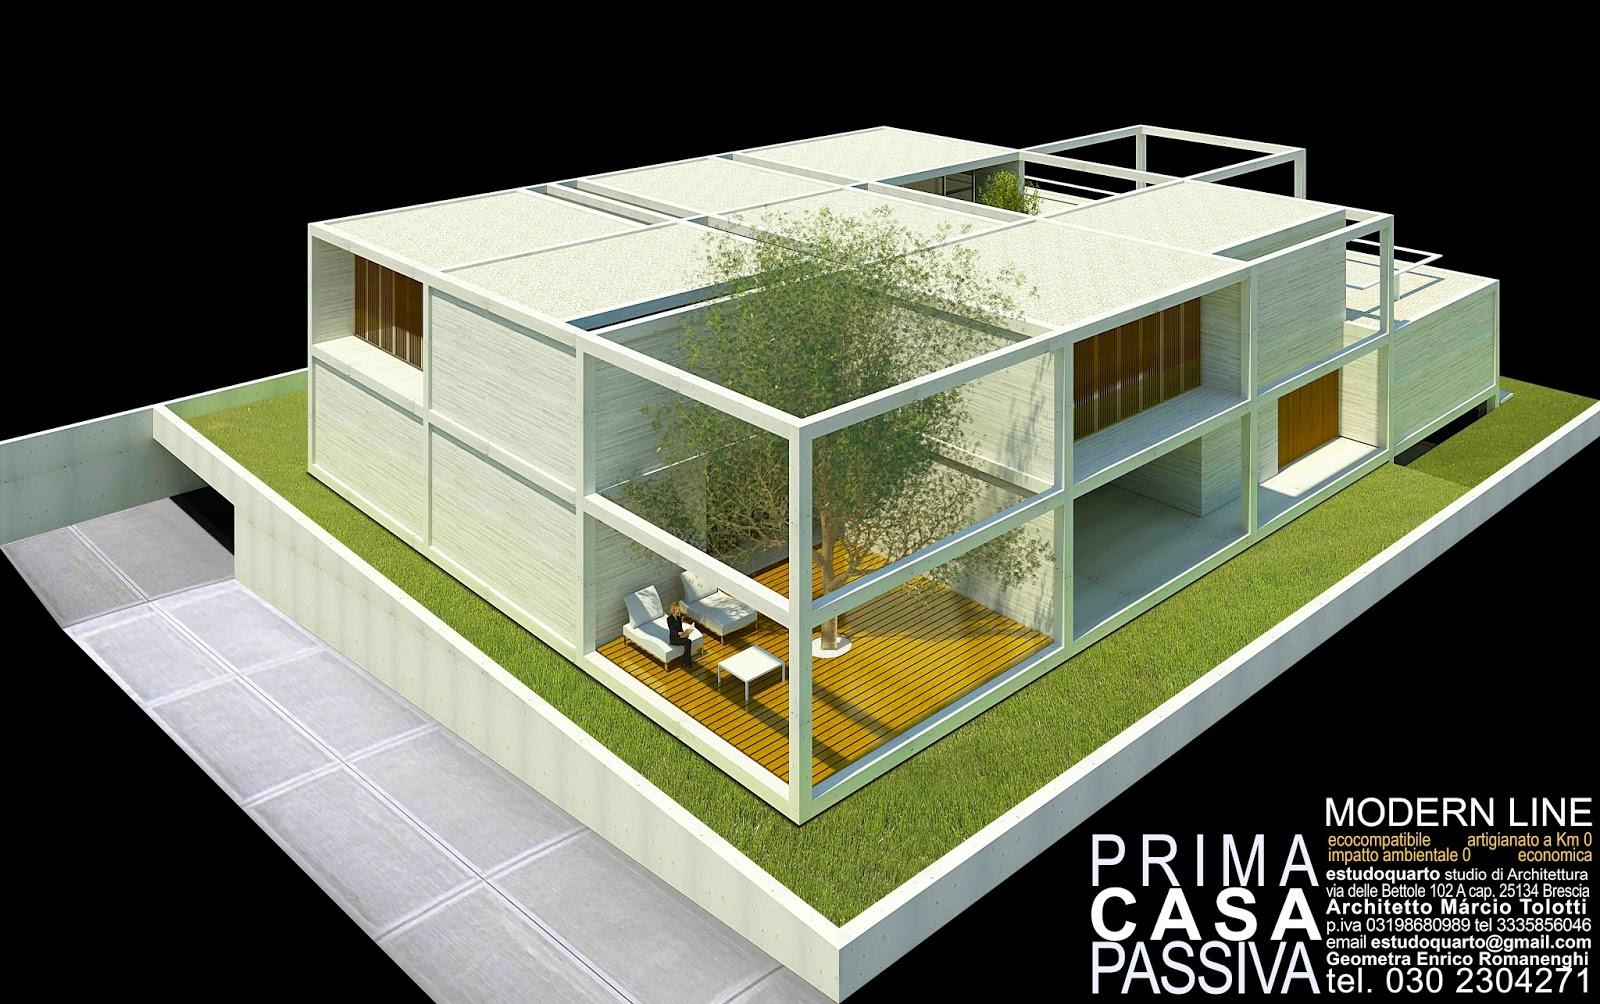 Prima casa passiva modern line studio di architettura a for Piani di casa passivi